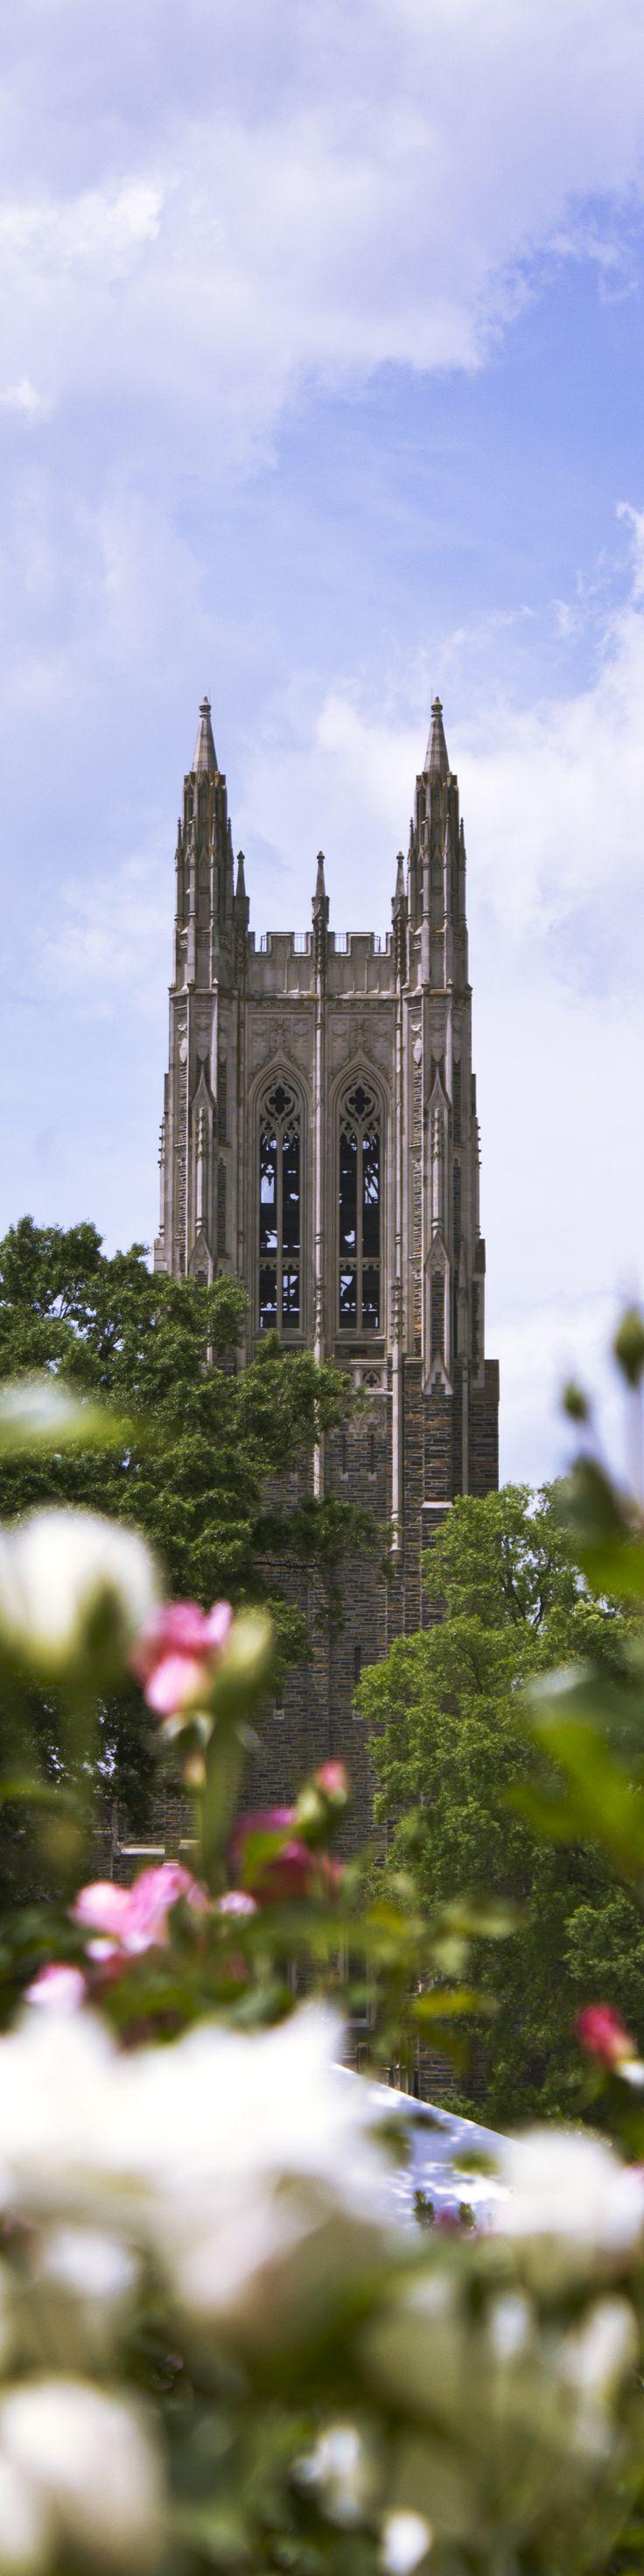 39 best pictureduke images on pinterest duke university